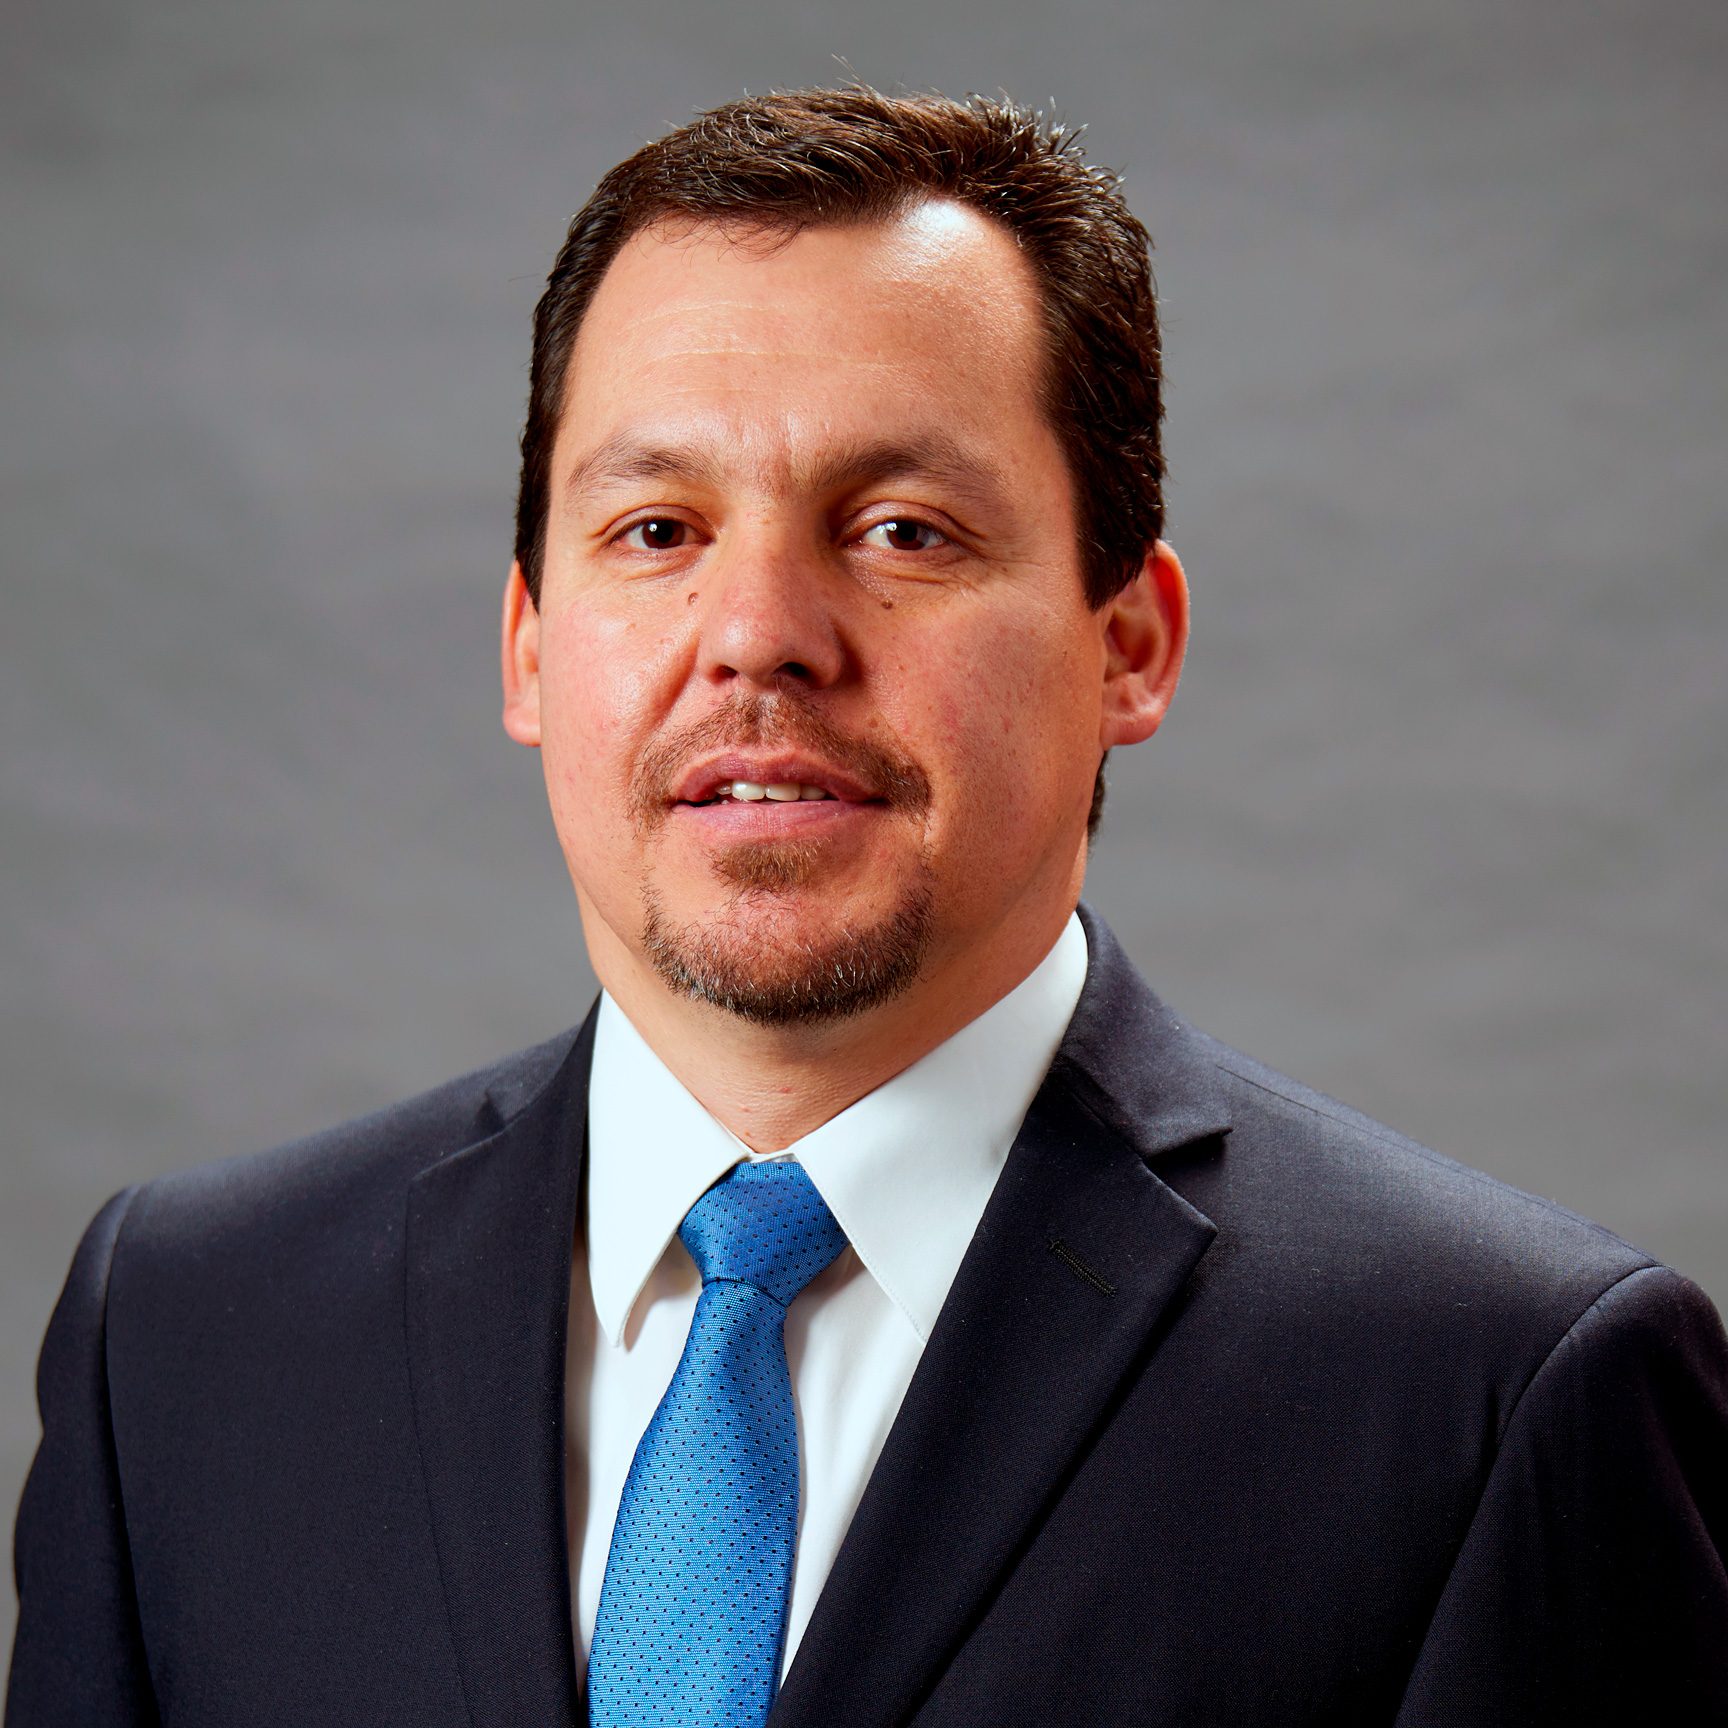 Lic. Salvador Gazca Herrera. Director de Estrategia, Normalización y Administración Financiera del Mercado